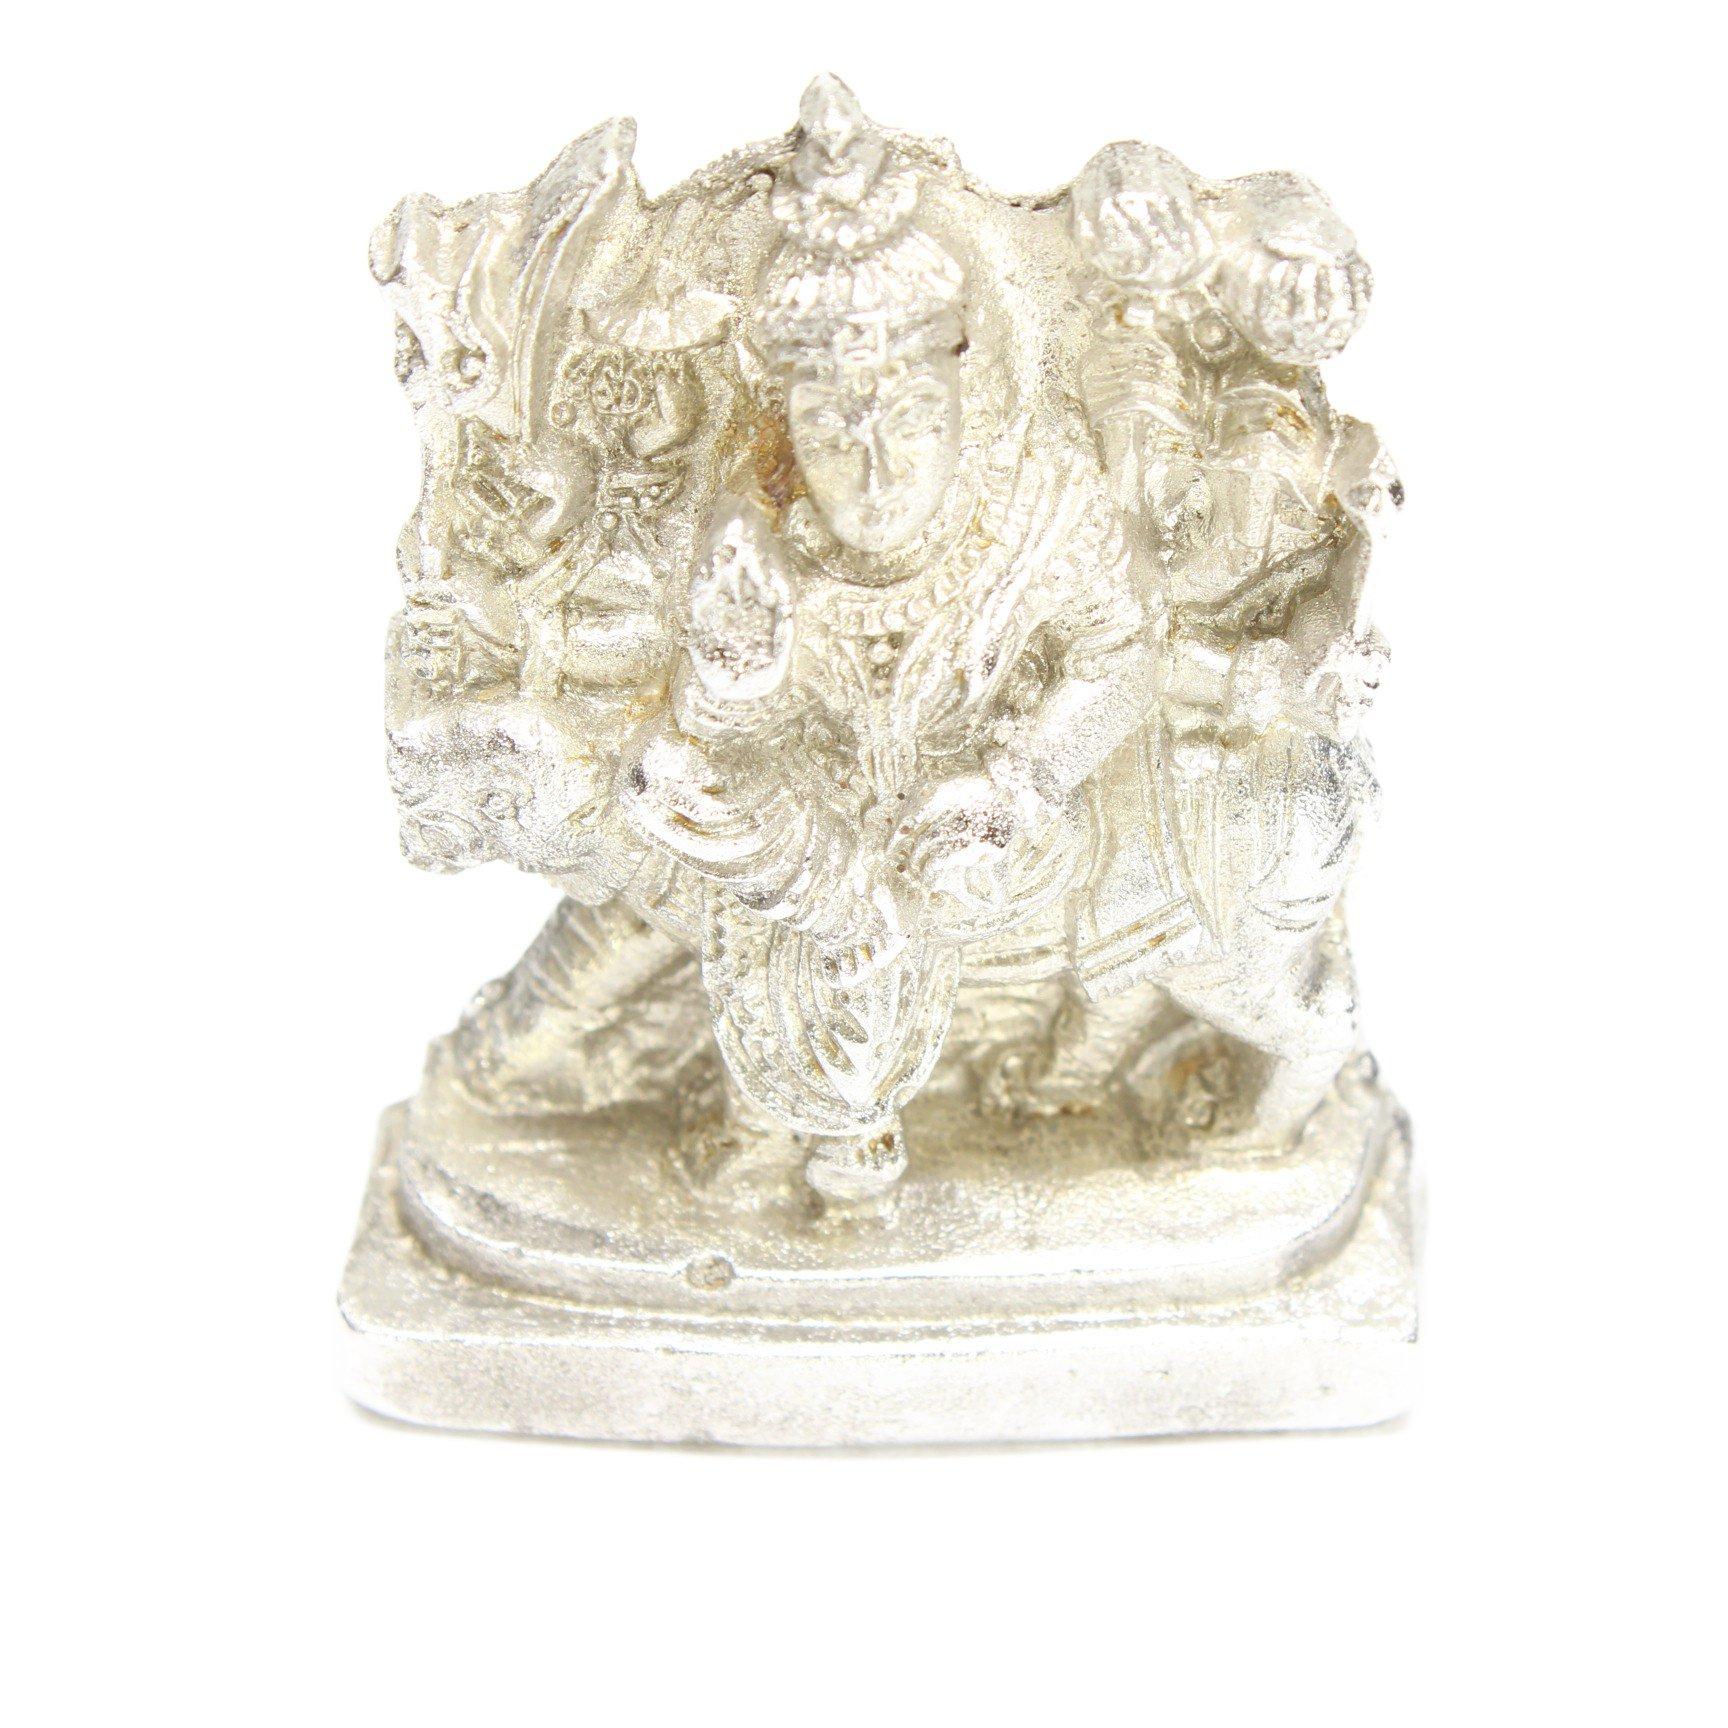 パラド・ドゥルガー女神像(高さ約5.4cm...